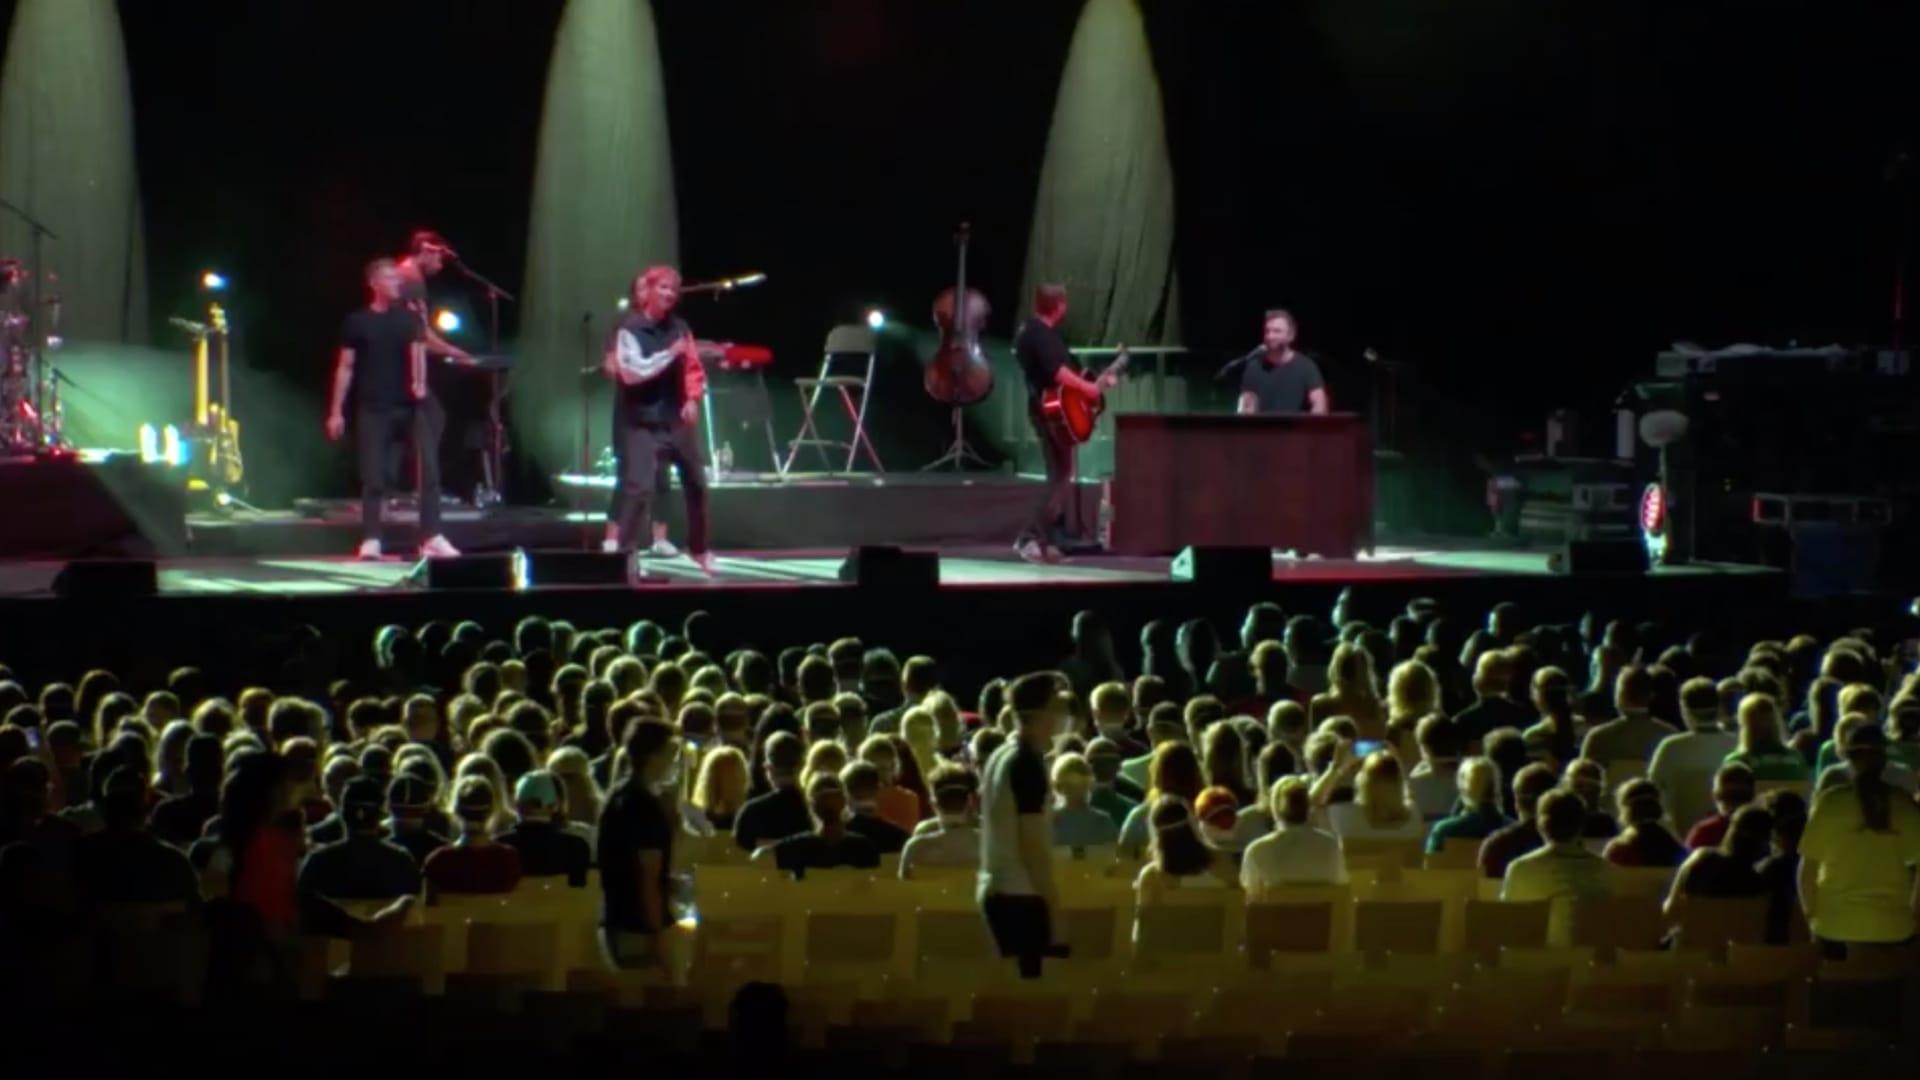 حضره حوالي 2000 شخص.. حفل موسيقي لباحثين ألمان عن كيفية انتشار كورونا